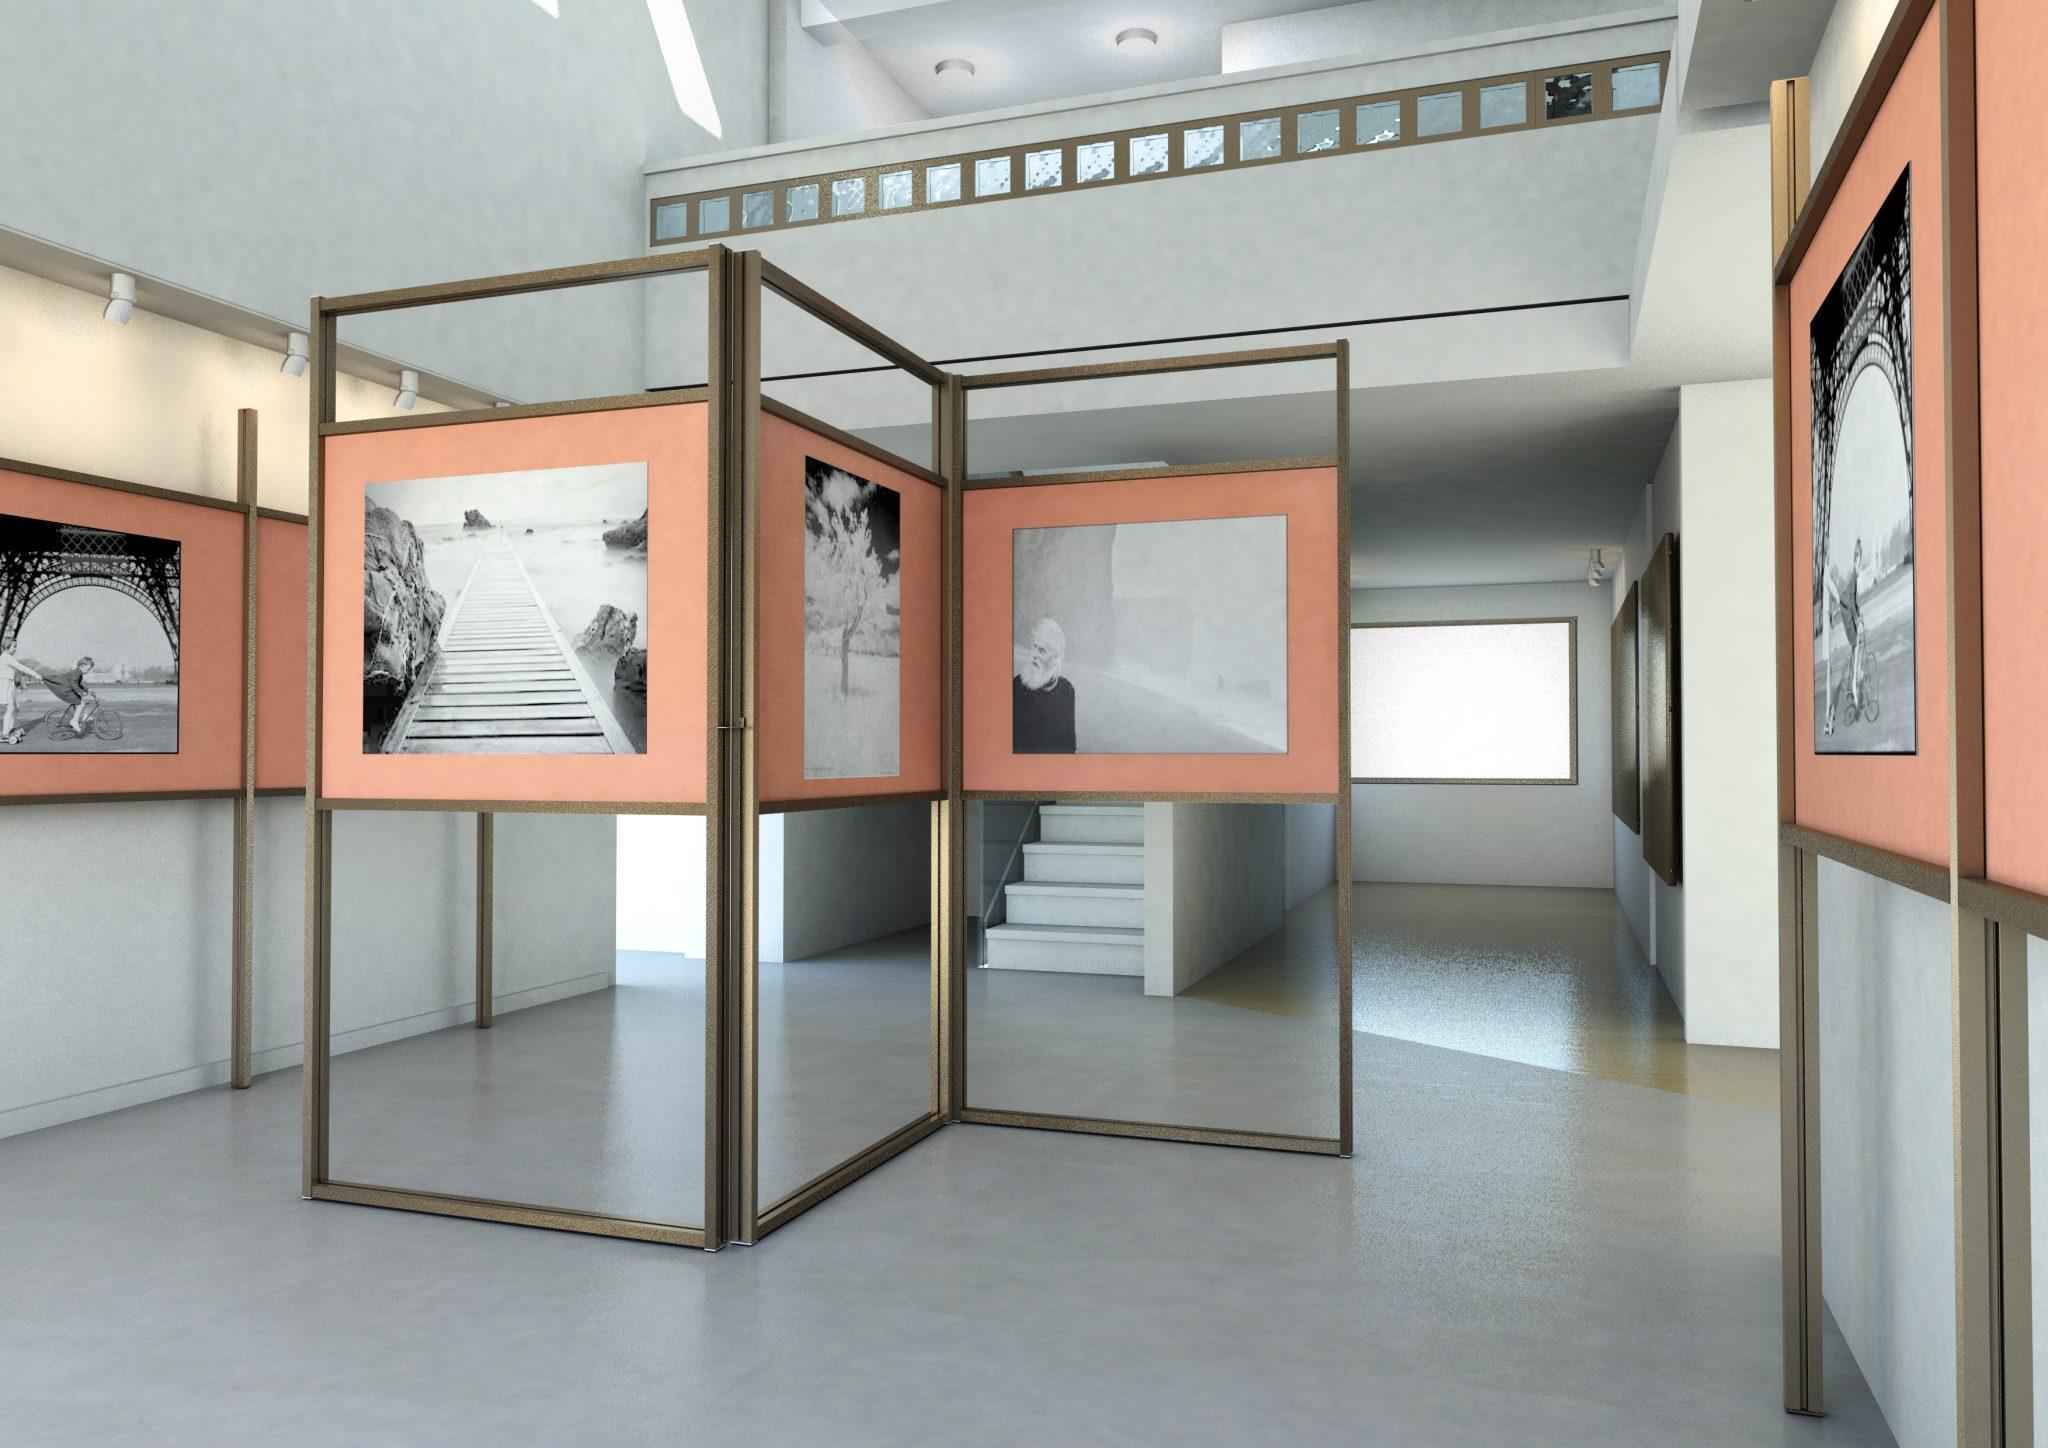 Divisori In Plexiglass Per Esterni pannelli espositivi modulari per allestimento mostra e museo